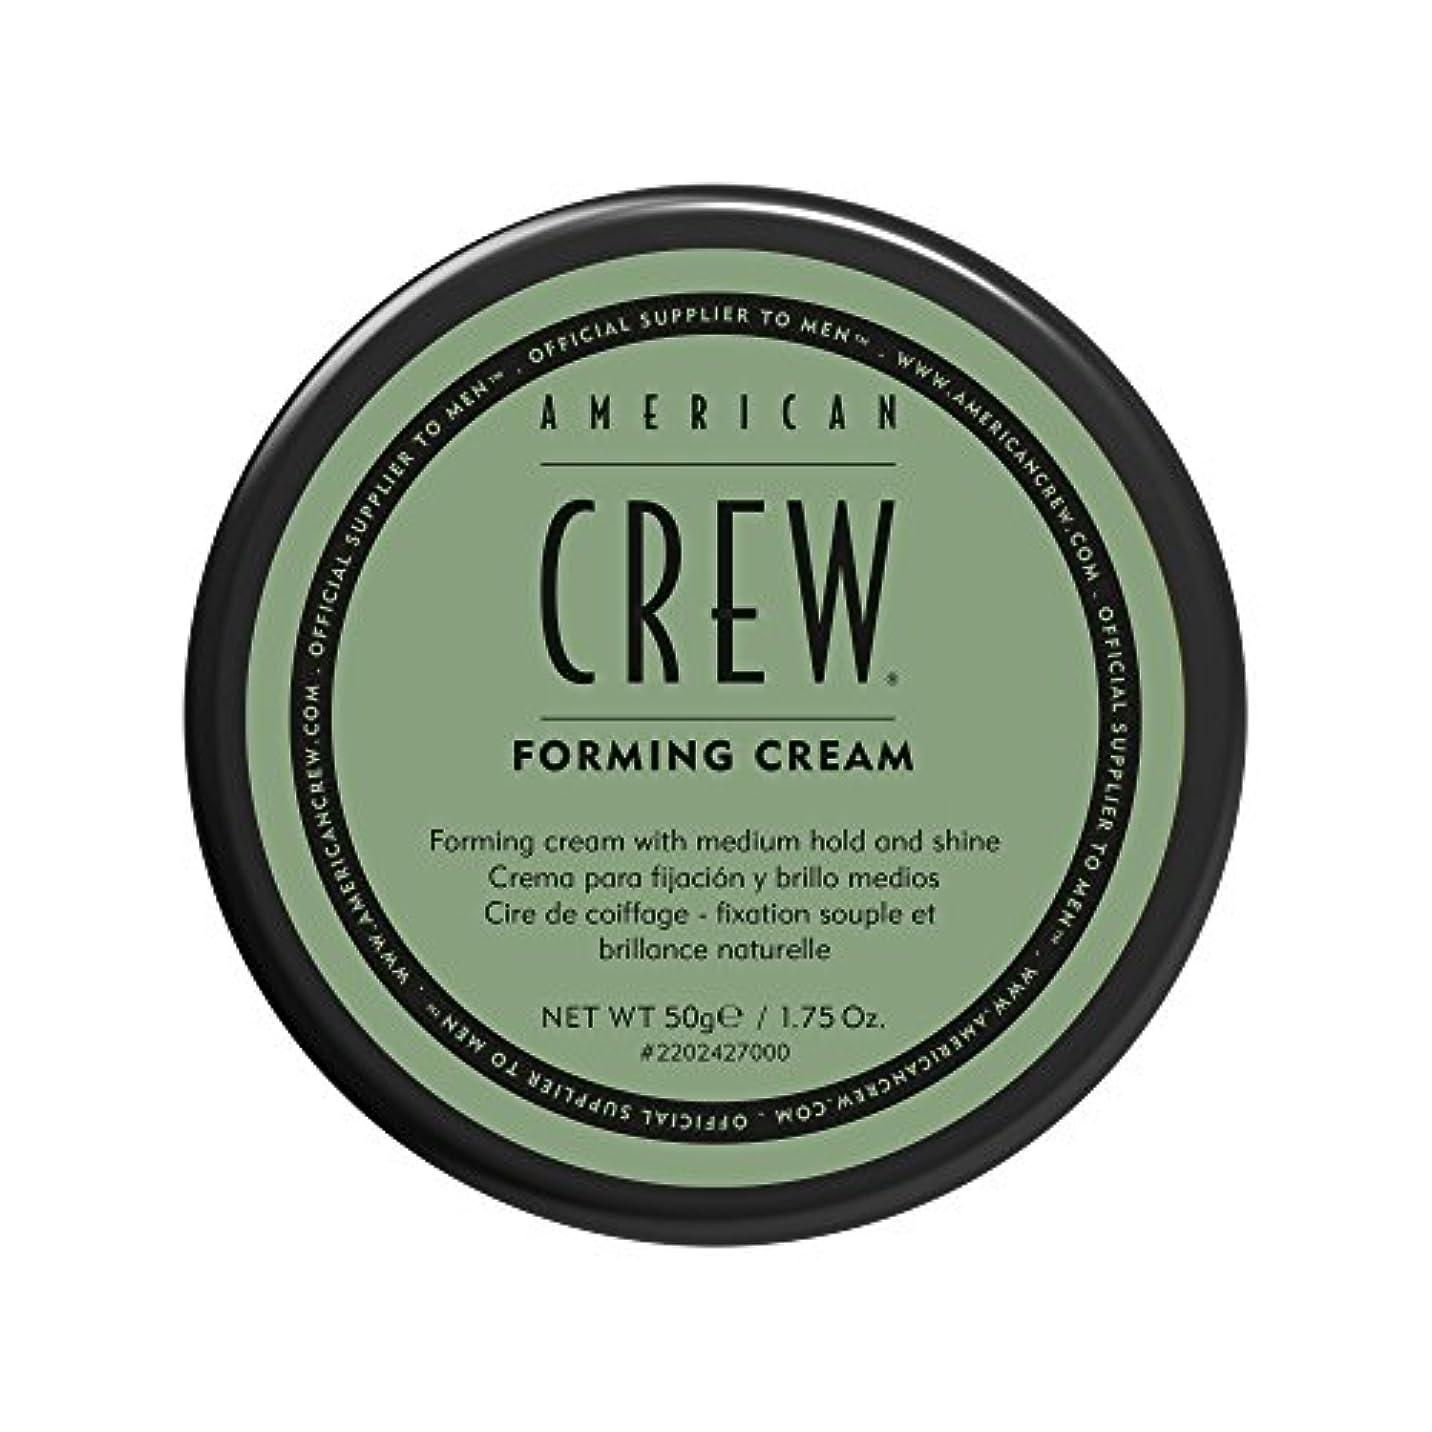 突き出す請求書角度by American Crew FORMING CREAM 1.75 OZ by AMERICAN CREW